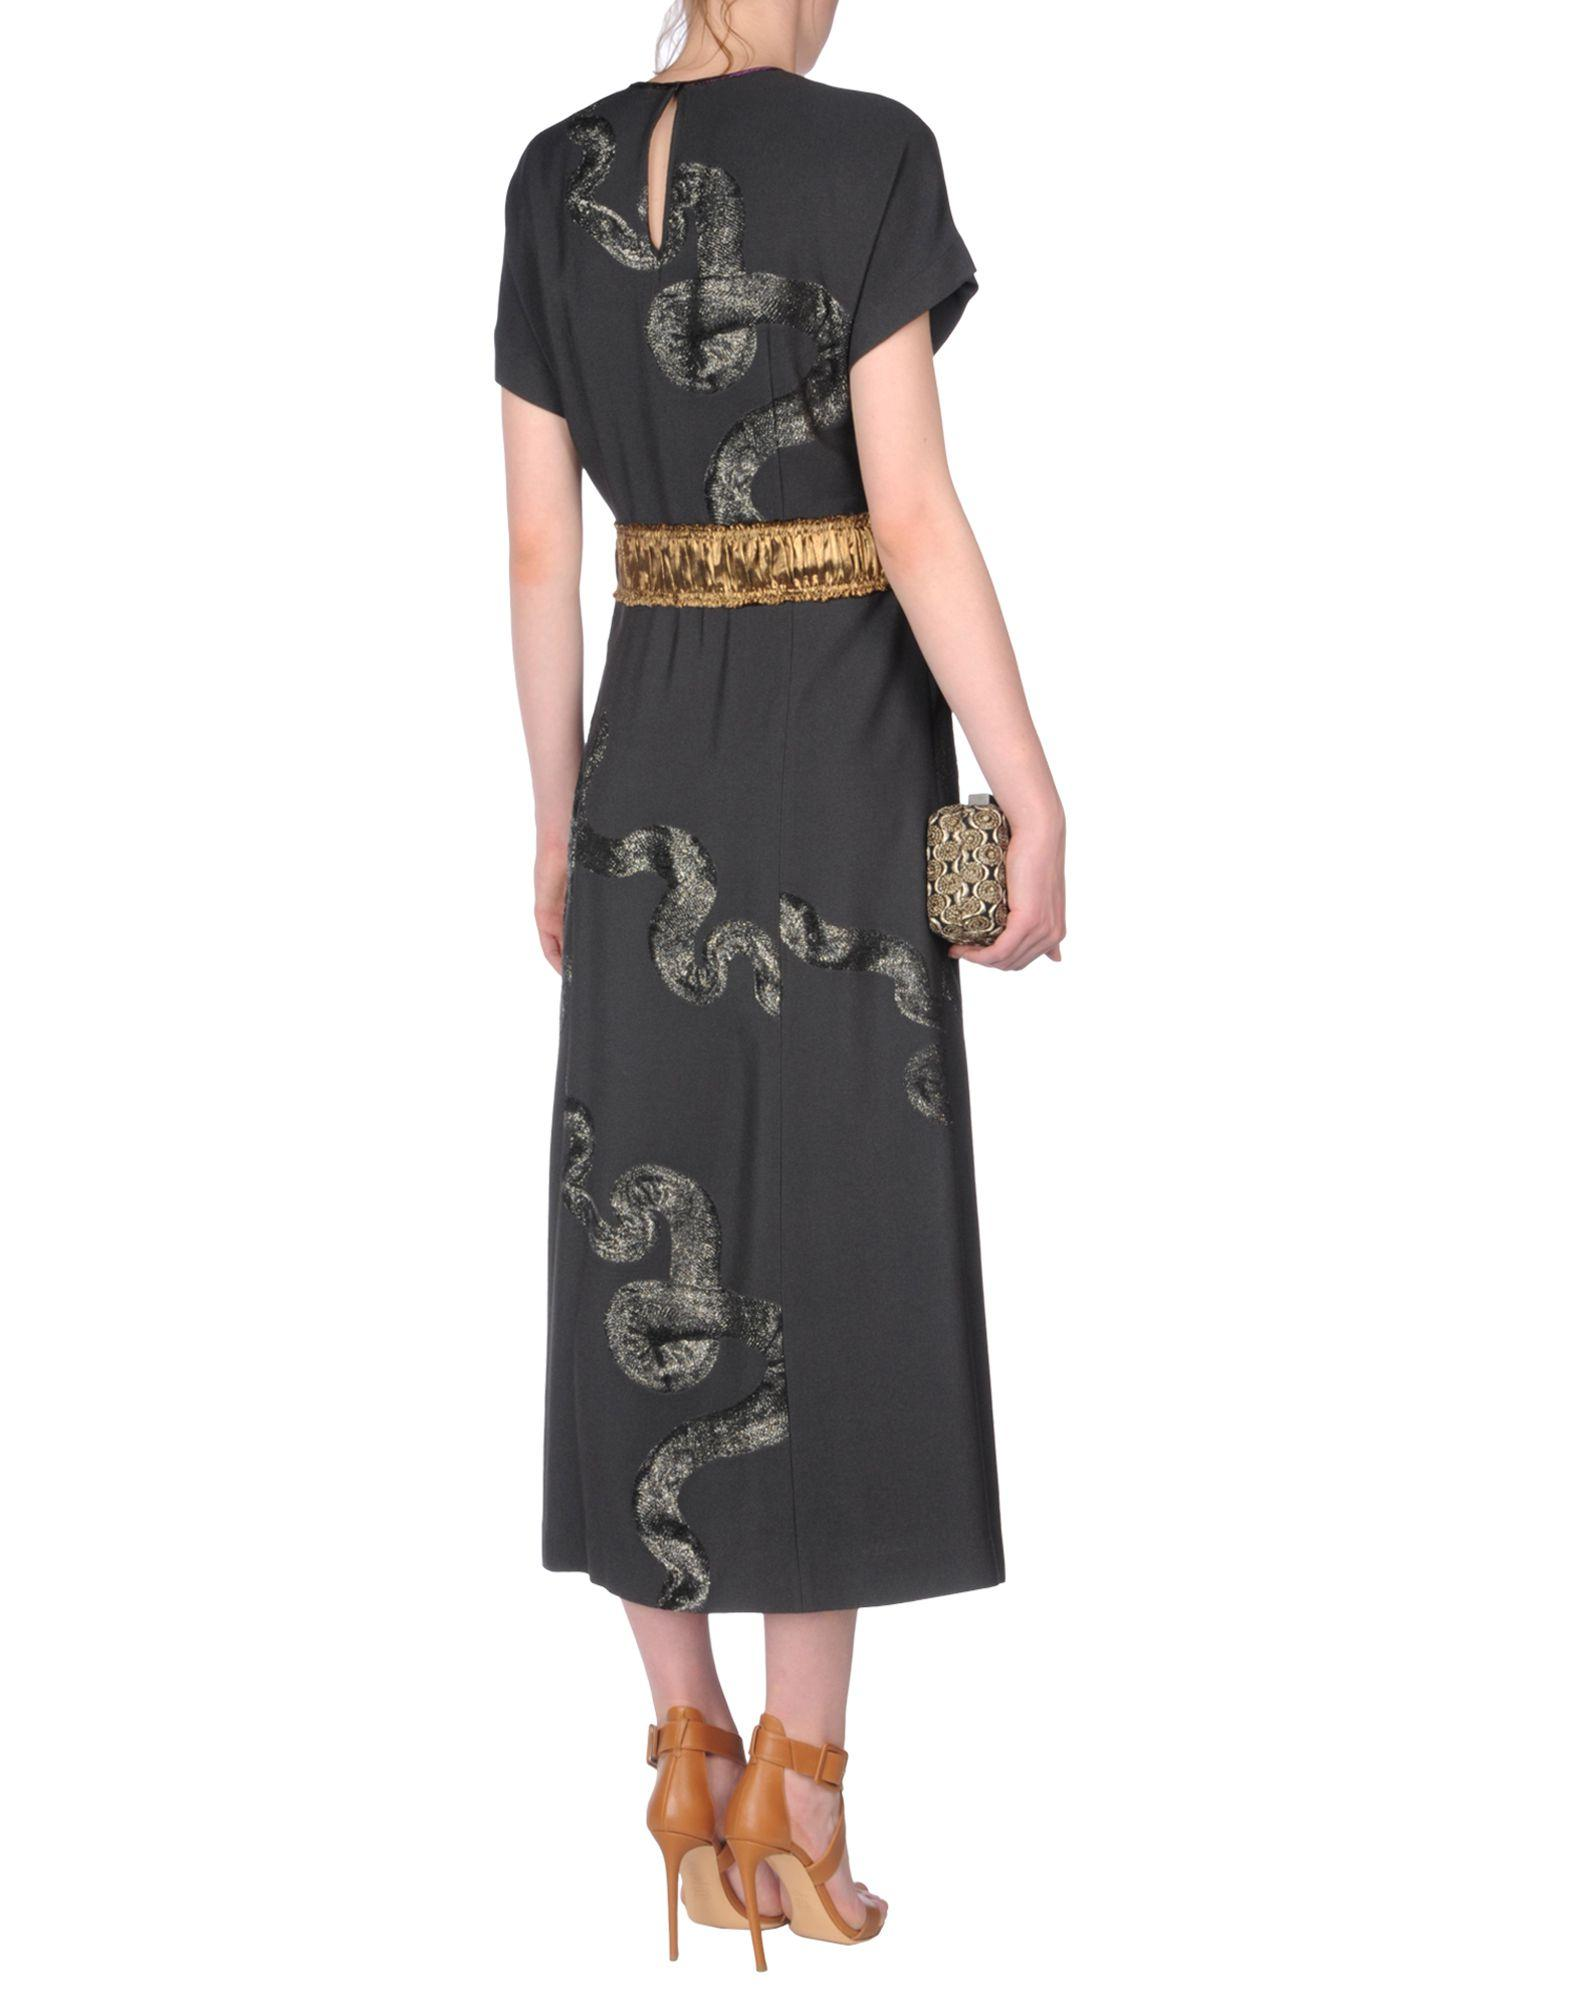 Dries Van Noten Synthetic Long Dress in Steel Grey (Grey)